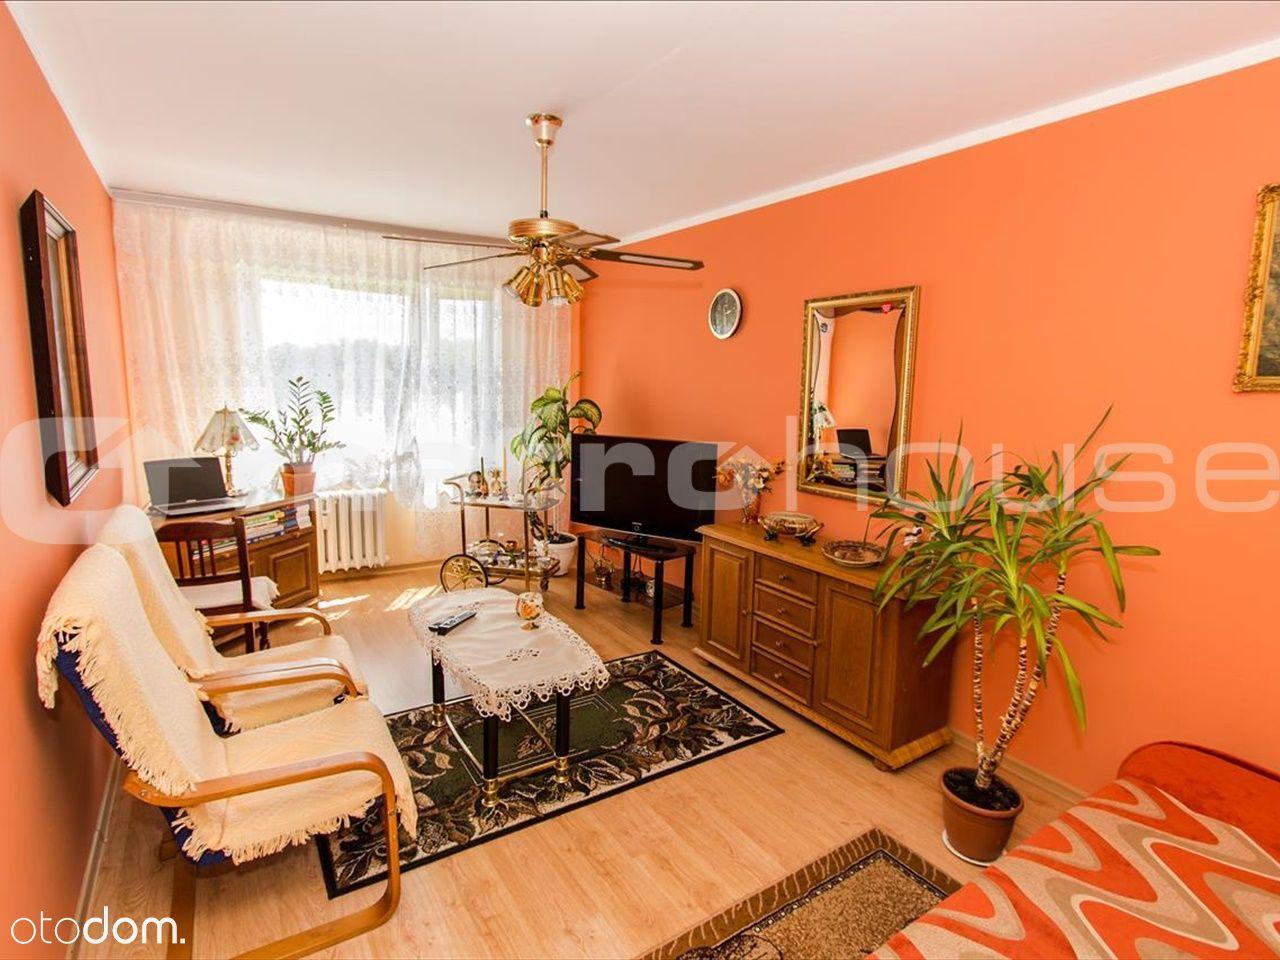 Mieszkanie na sprzedaż, Borne Sulinowo, szczecinecki, zachodniopomorskie - Foto 1